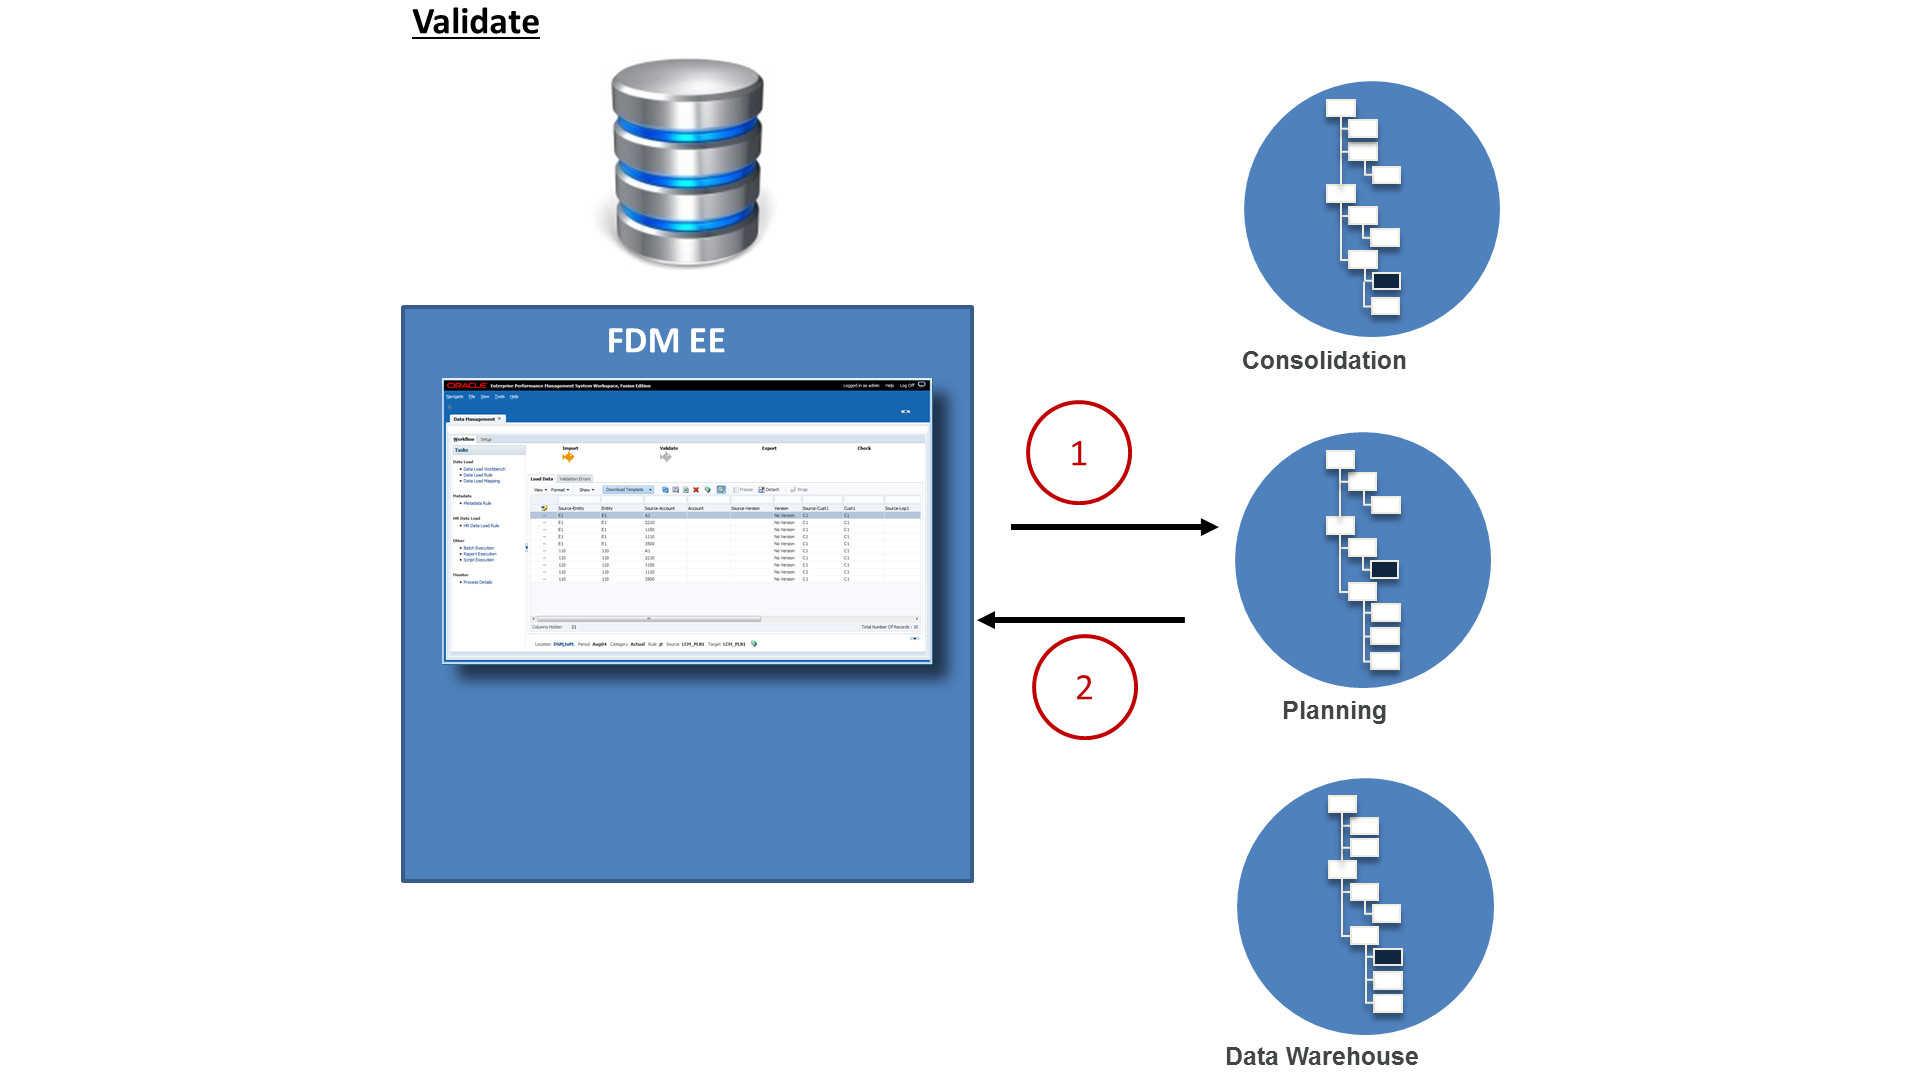 FDMEE Validate